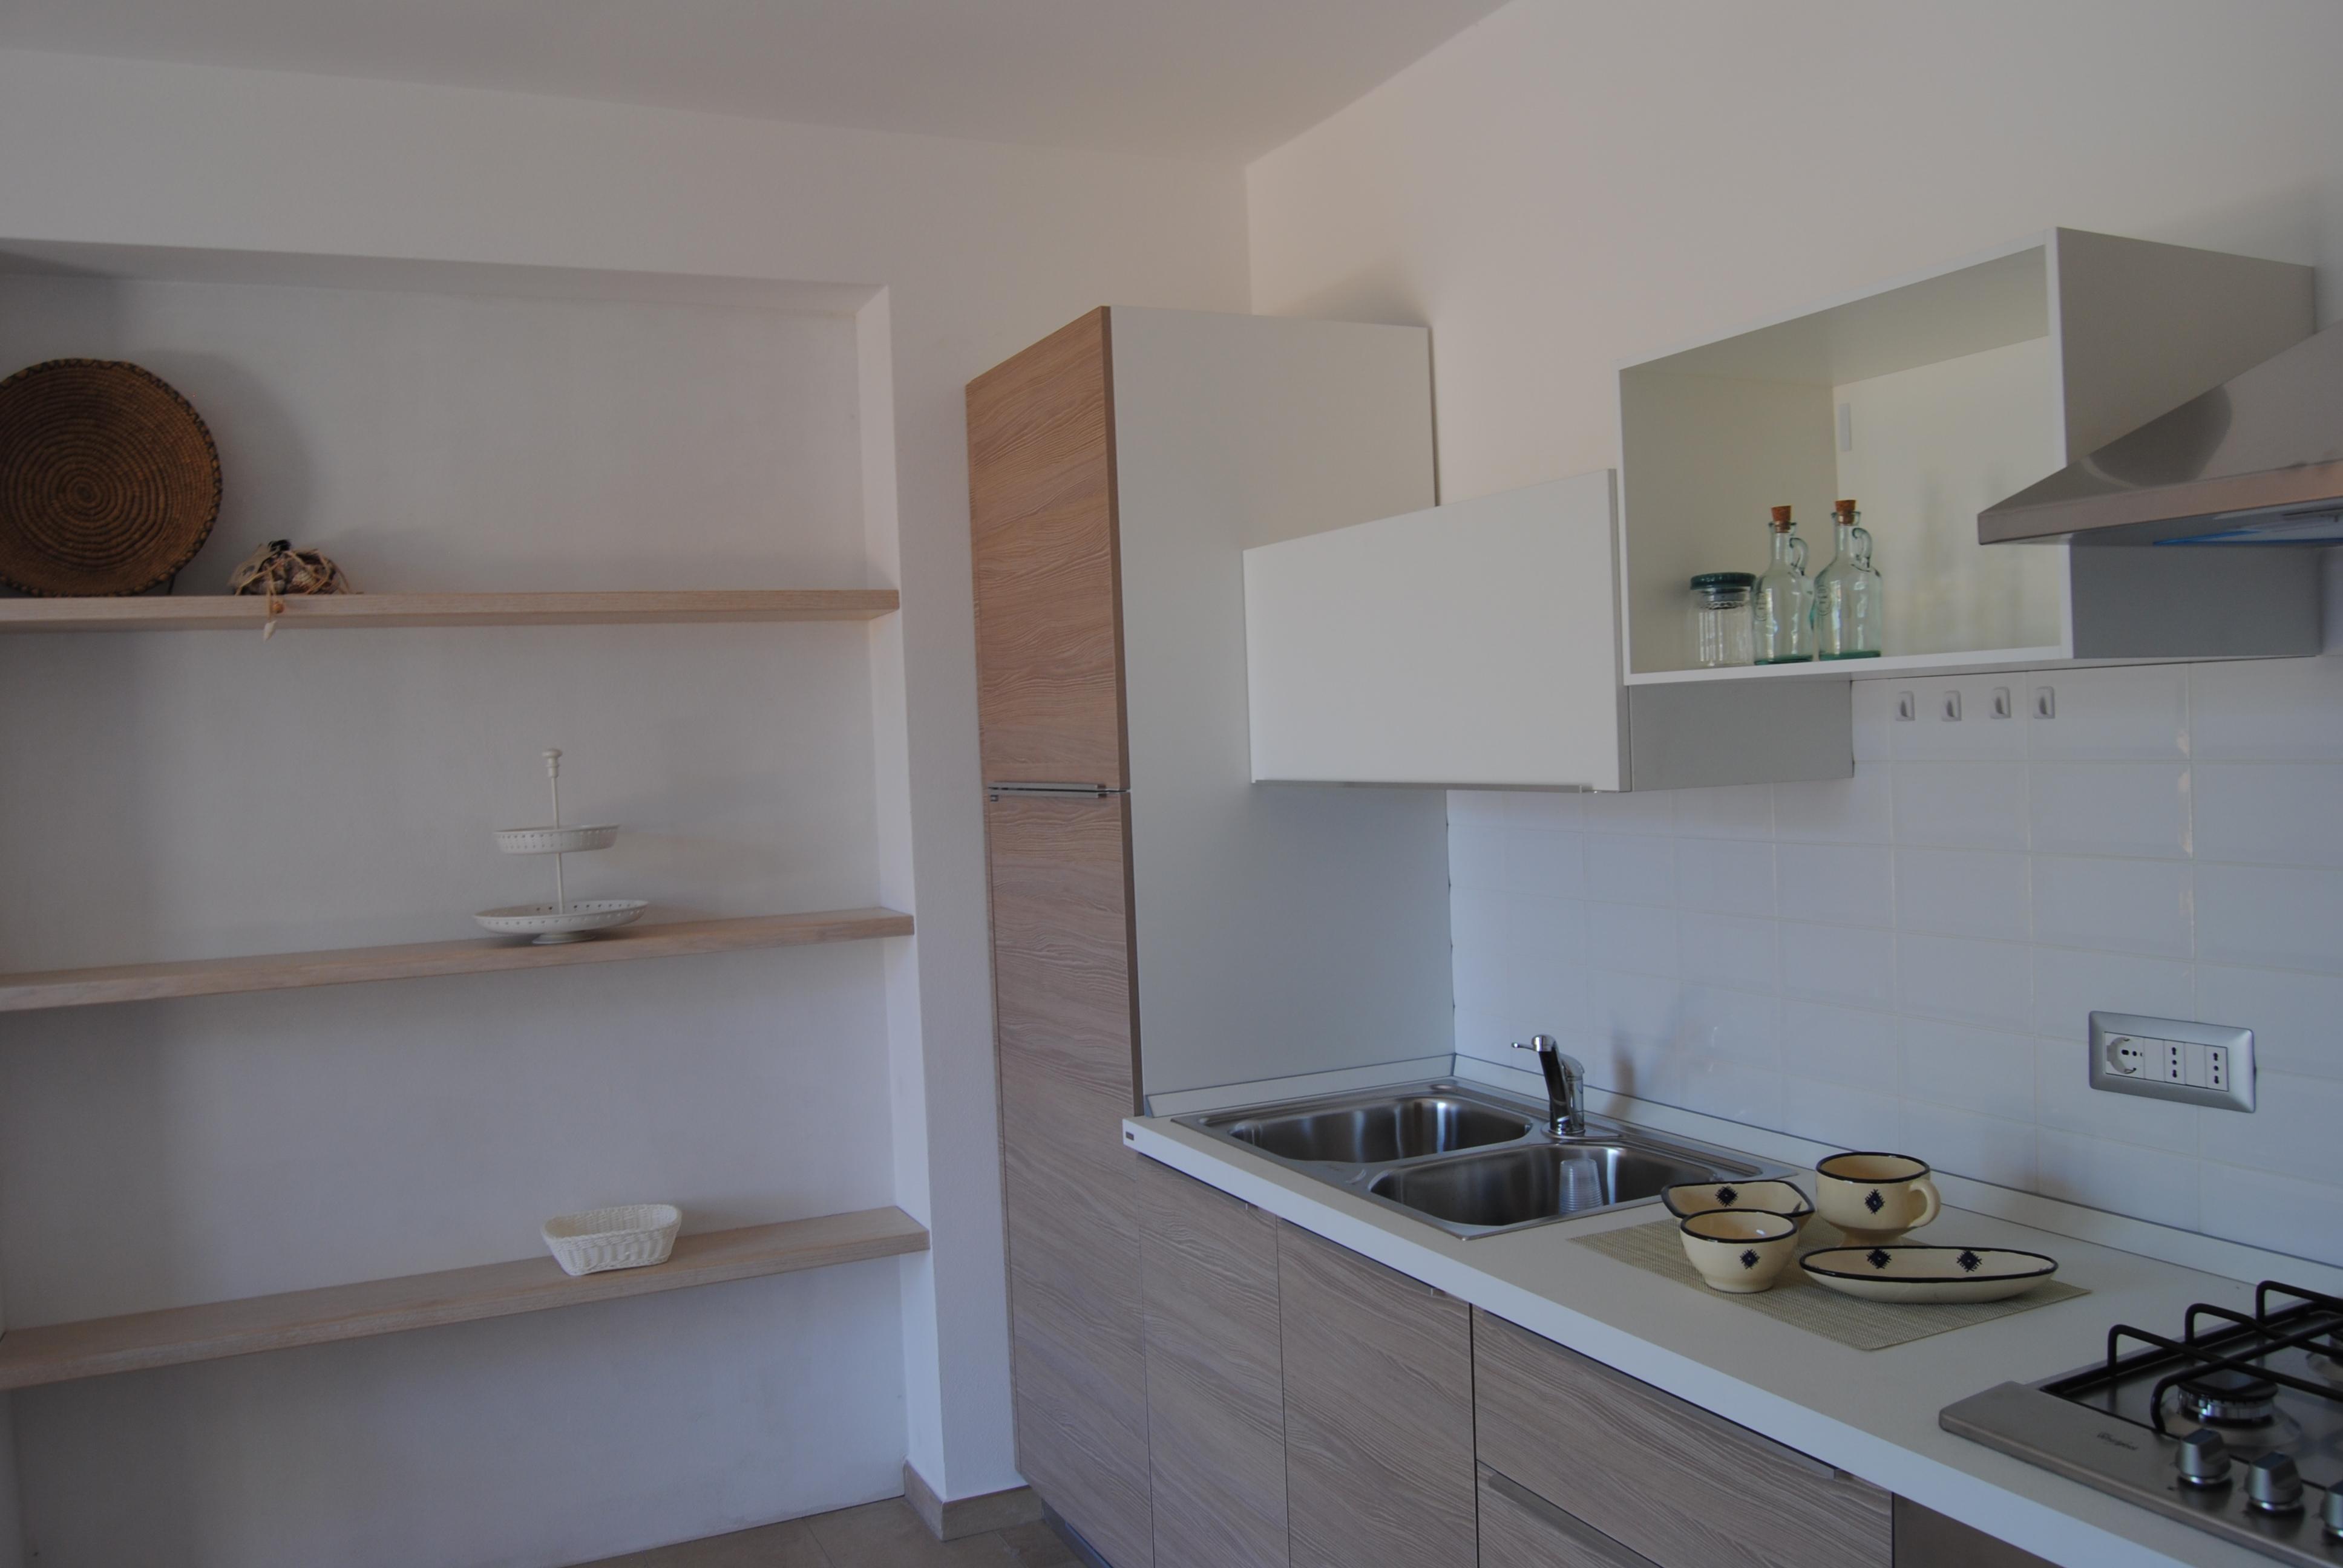 Ristrutturazione- dopo -edilizia-edil proget-opere edili-cucina 2-Tertenia